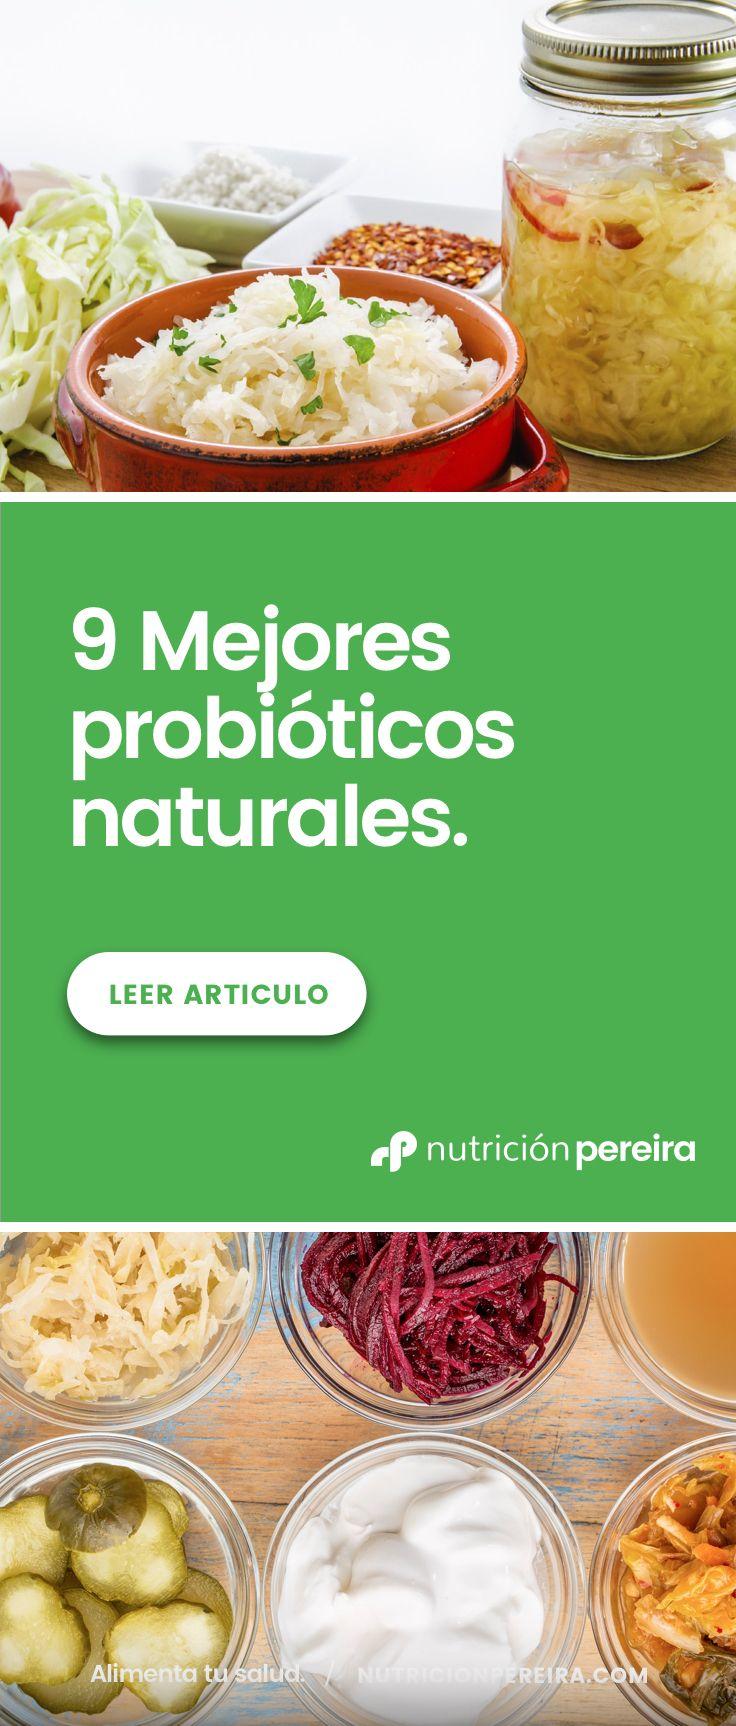 Los Mejores Probióticos Naturales Probioticos Naturales Probióticos Alimentos Fermentados